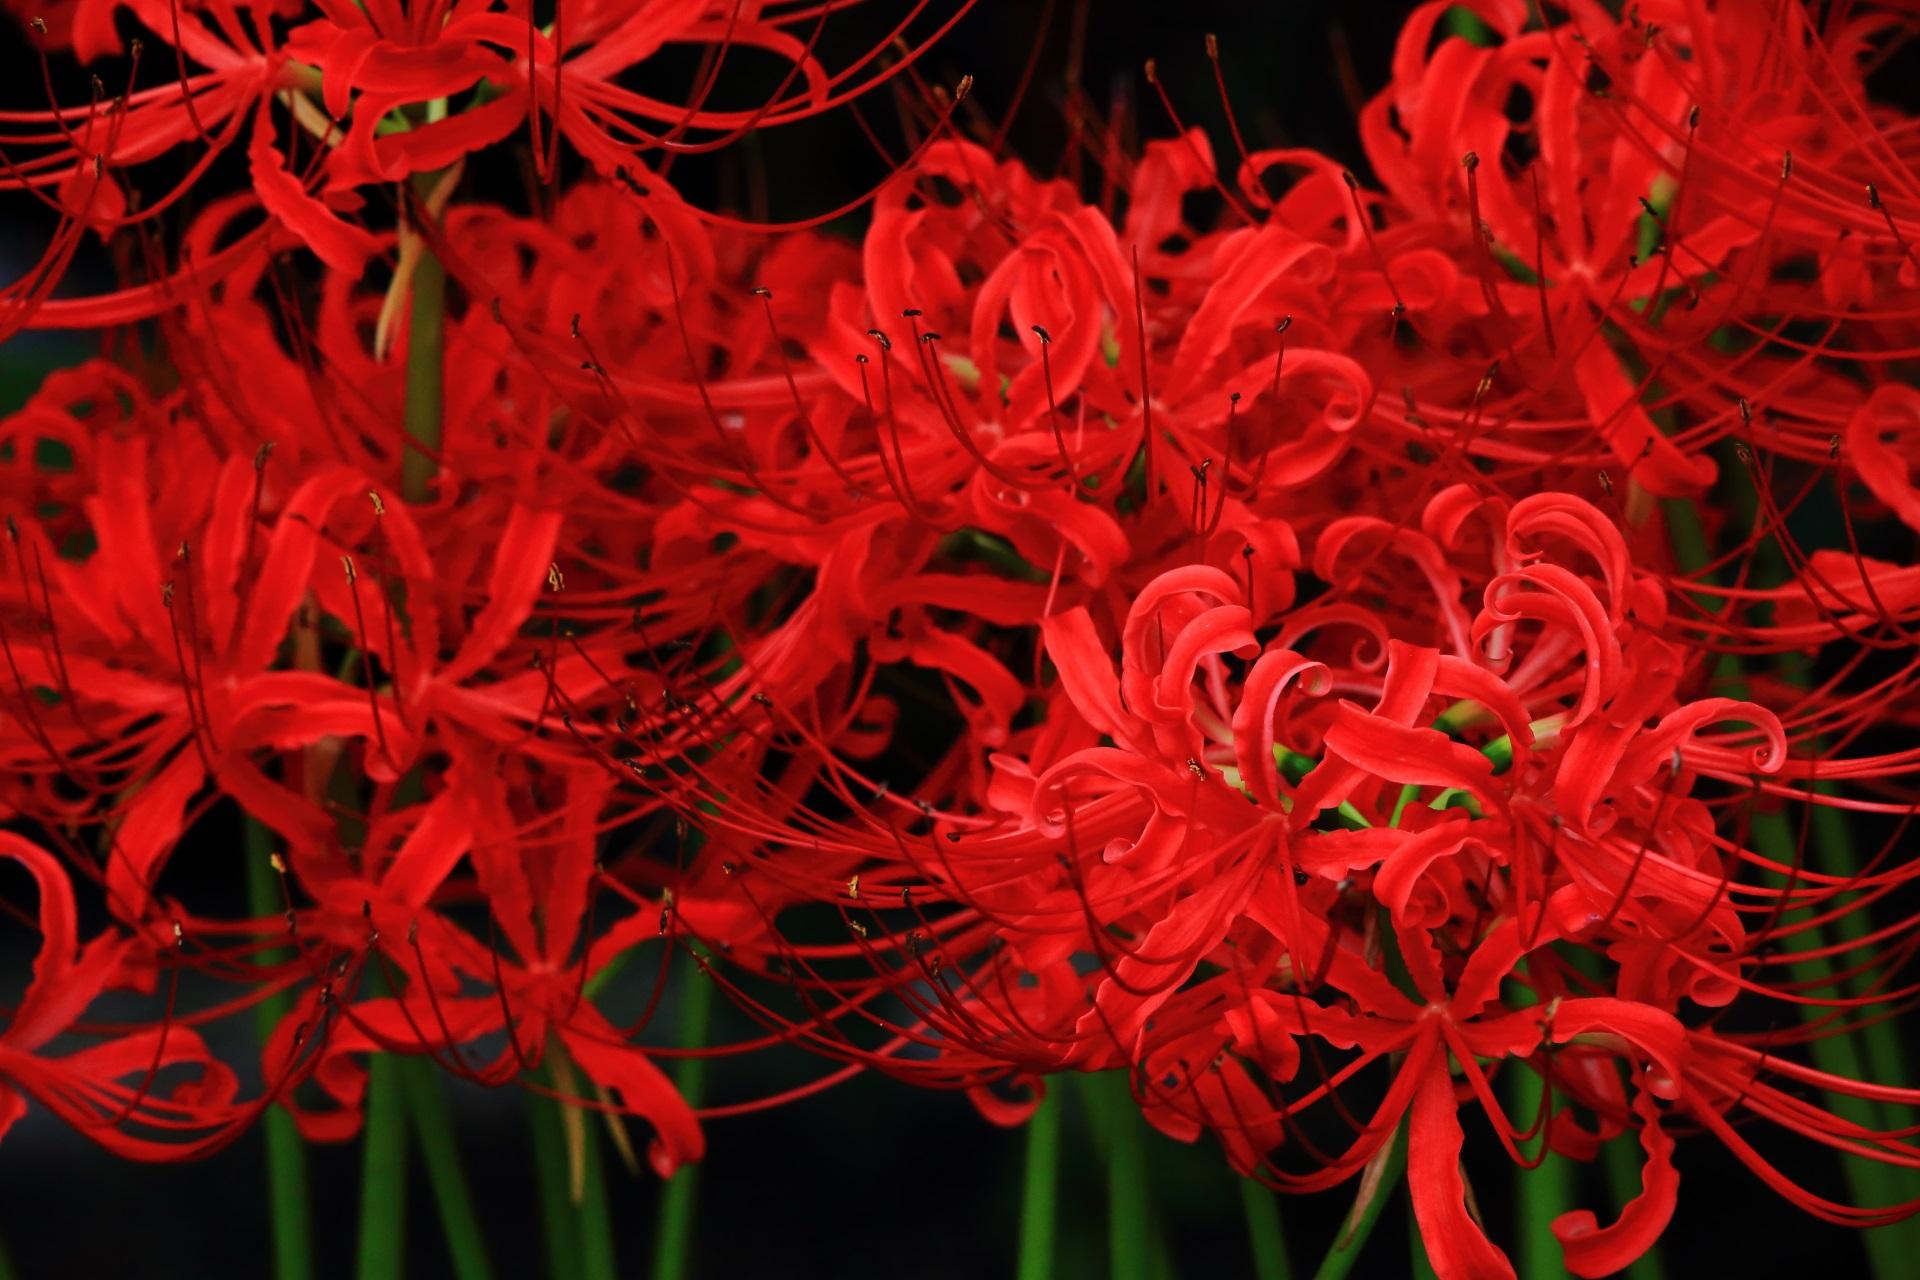 妙蓮寺の情熱的でもあり妖艶でもある真っ赤な彼岸花